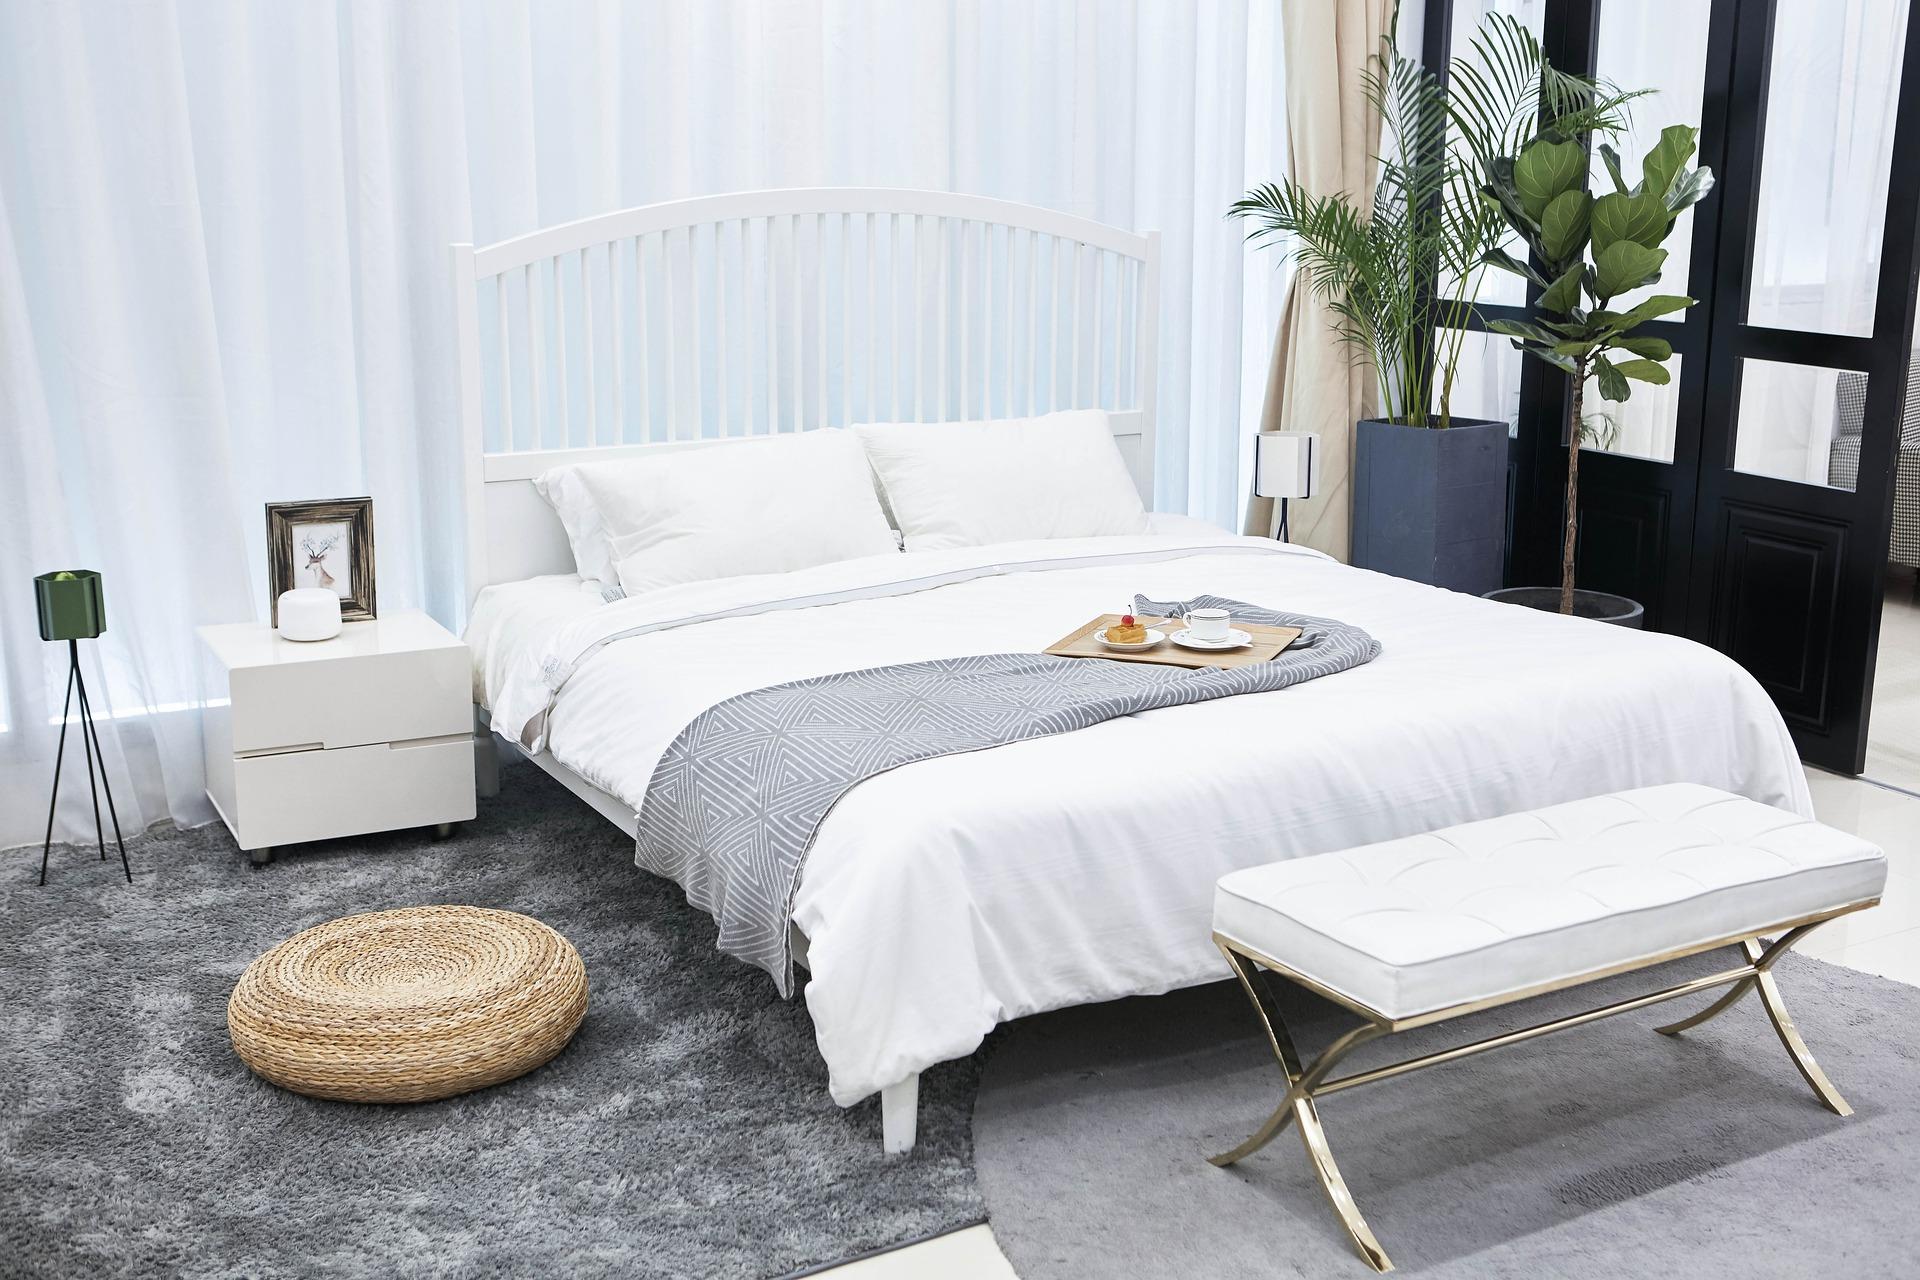 Hoe kies je het juiste bed?